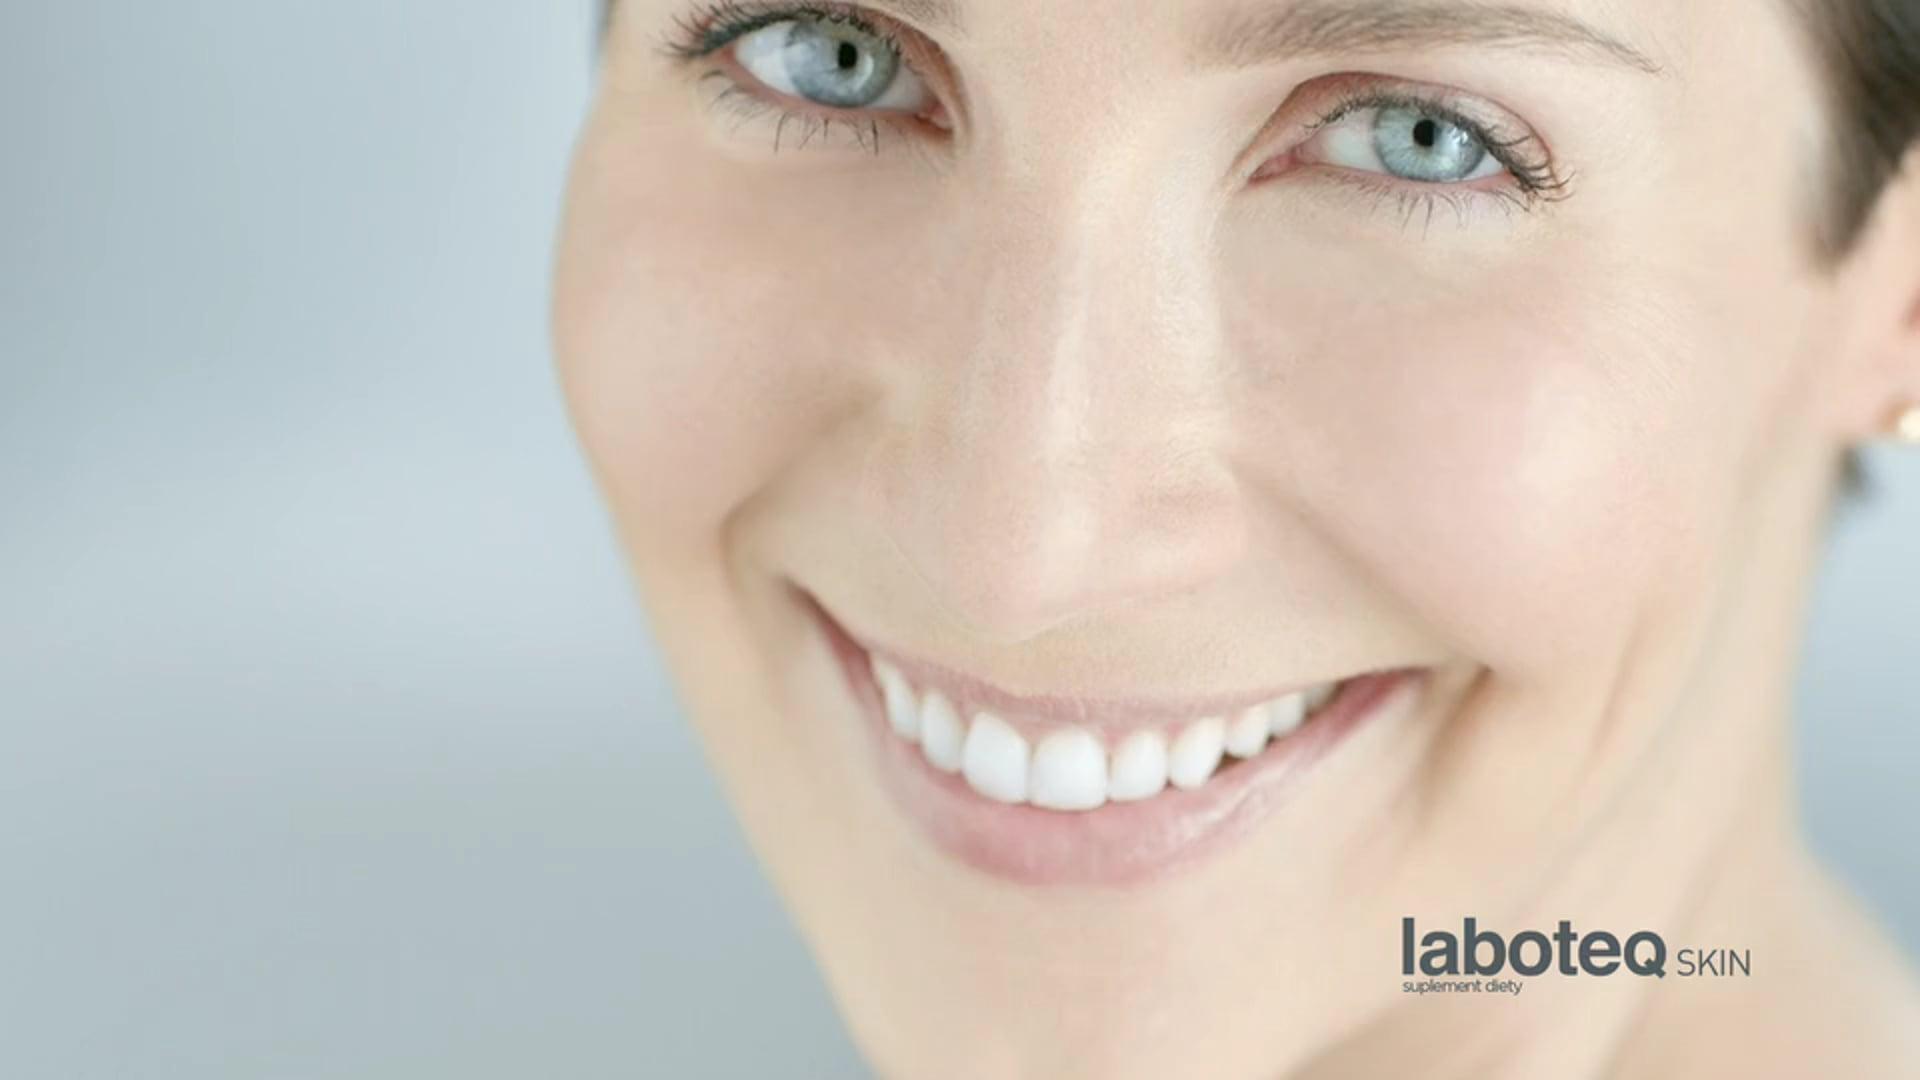 Mava-Laboteq Skin